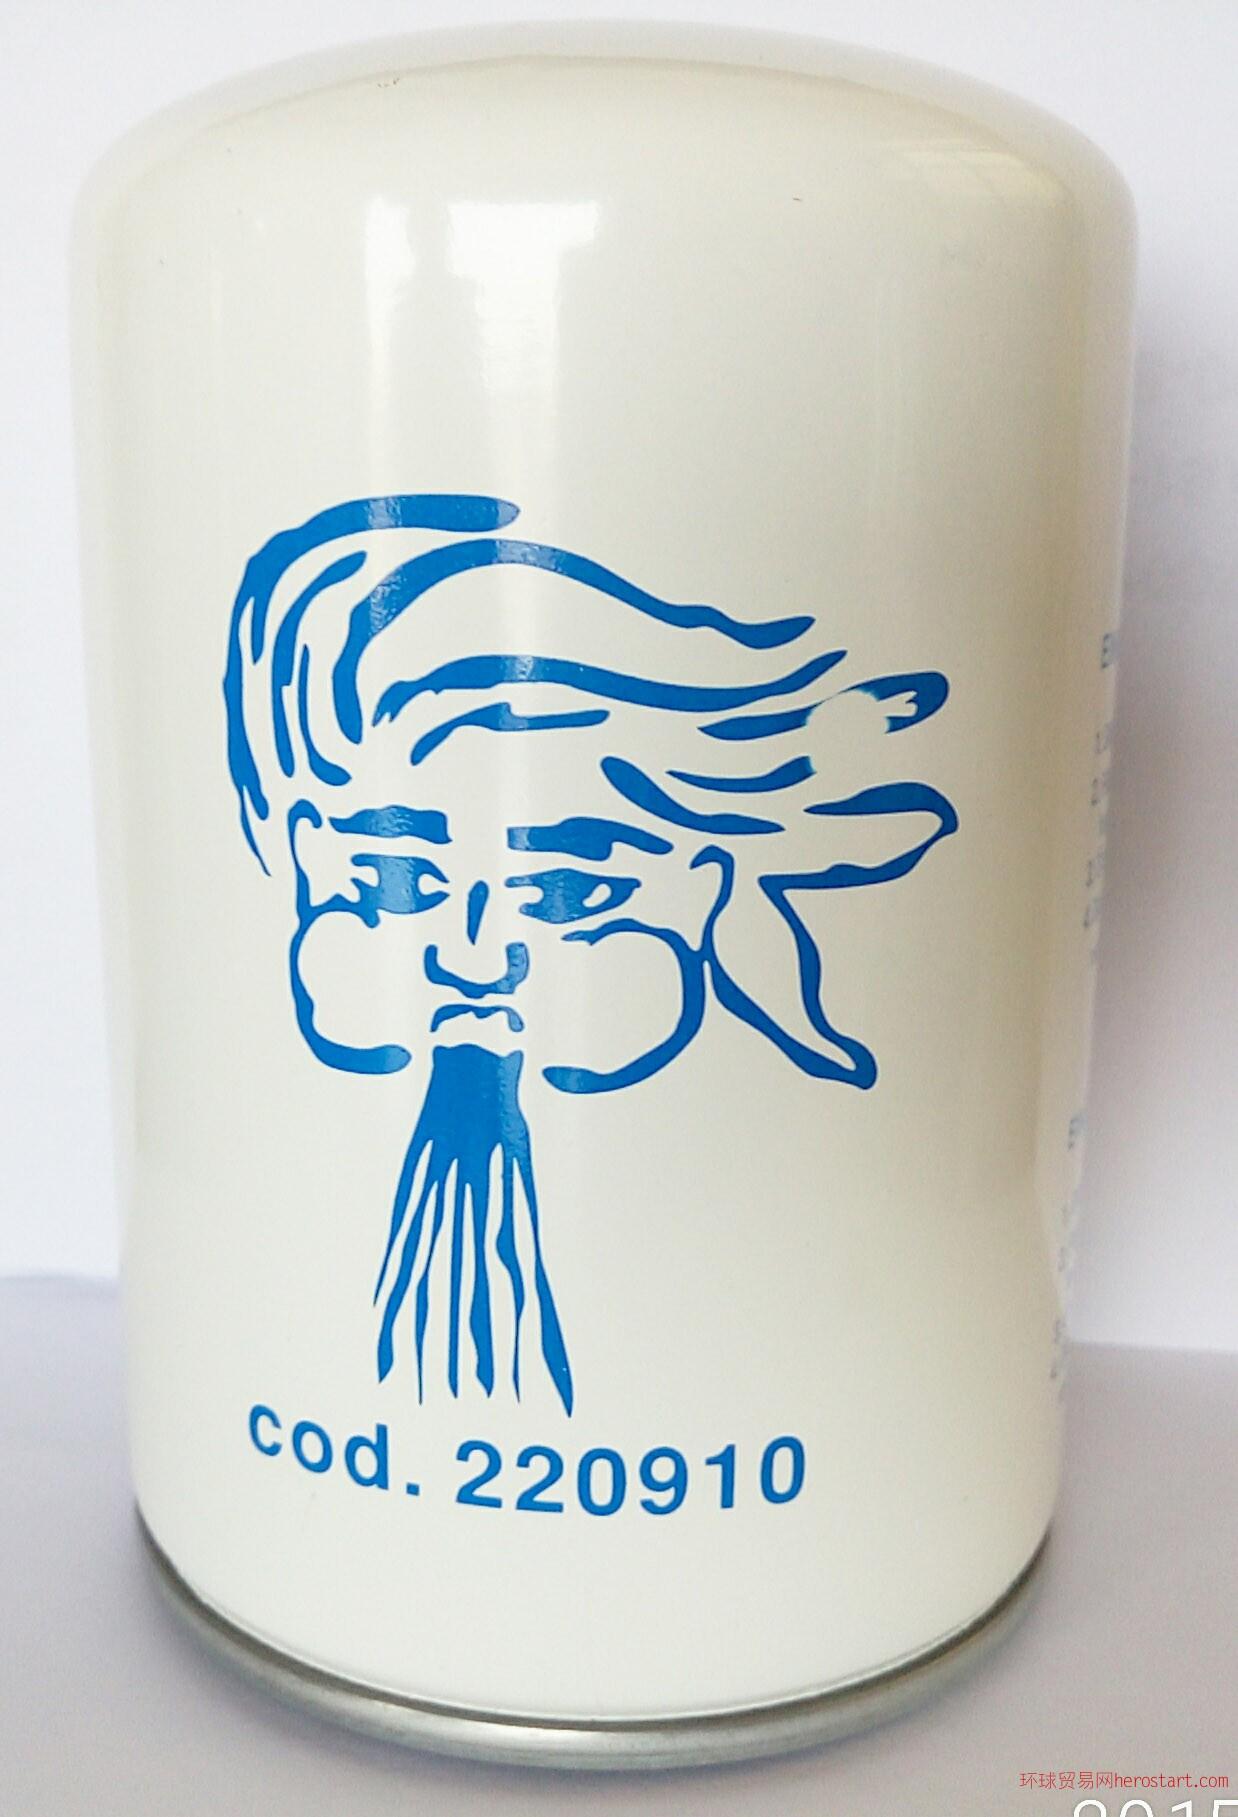 220910 ABAC科龙艾高机油滤芯